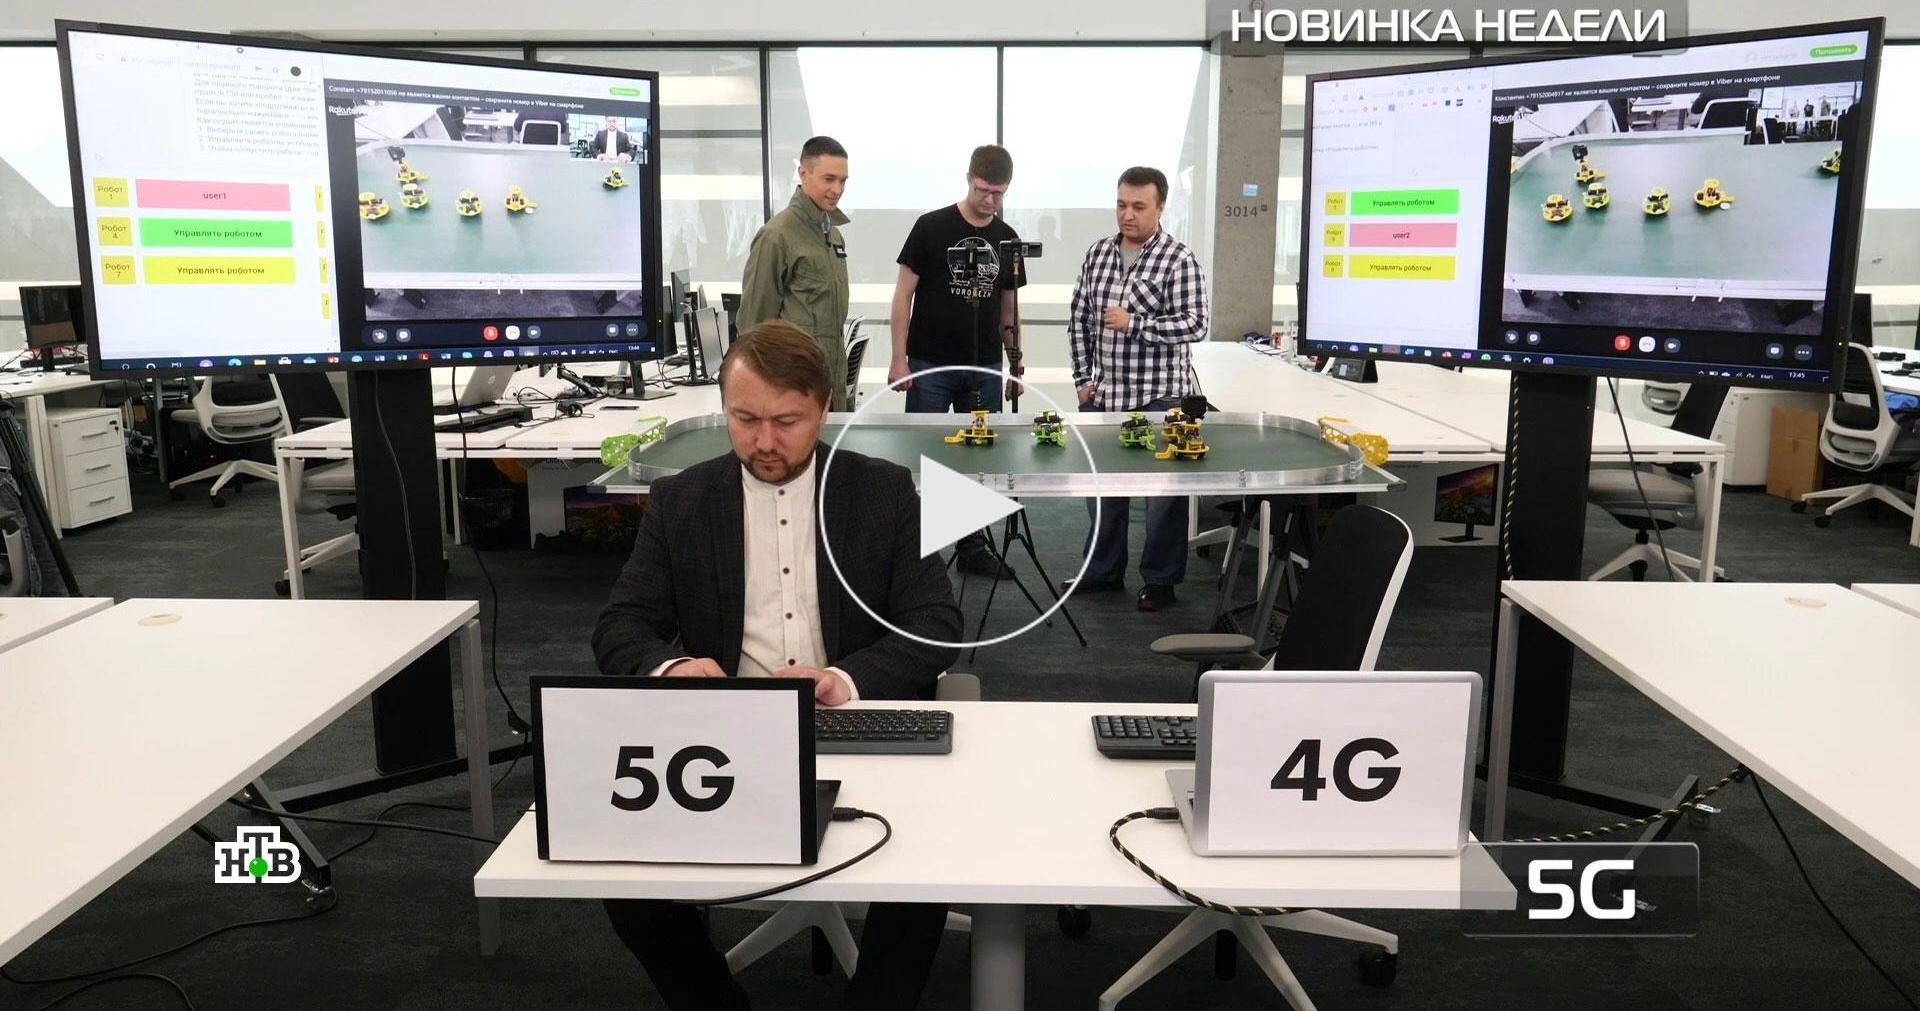 На высокой скорости: мобильный интернет 5G